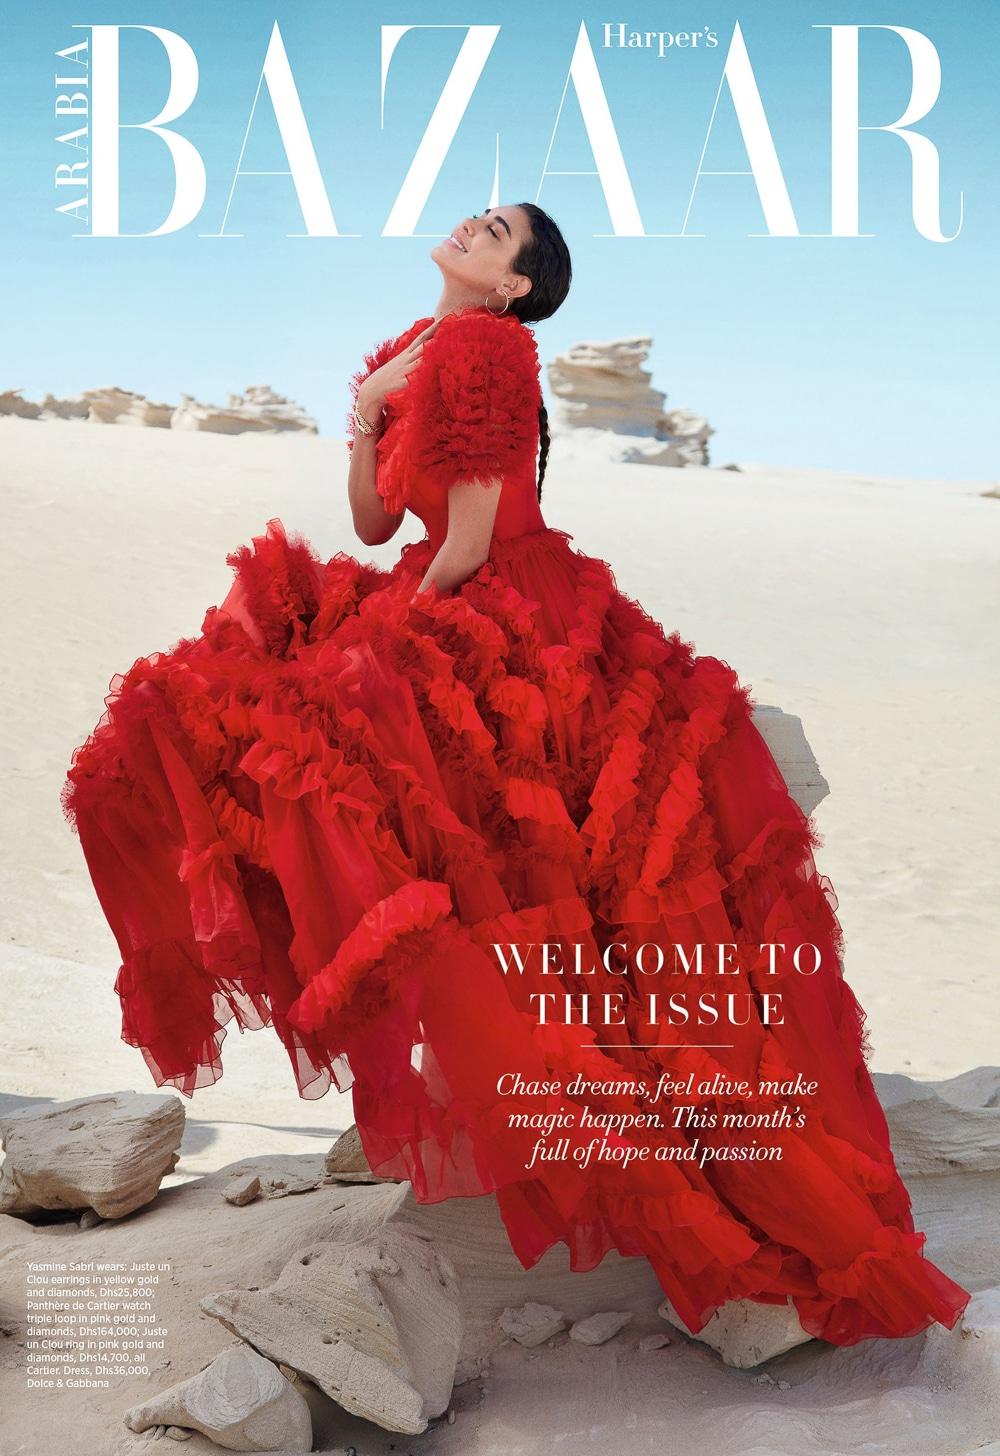 Greg-Swales-Harpers-Bazaar-Arabia-Yasmine-Sabri-11-1.jpg